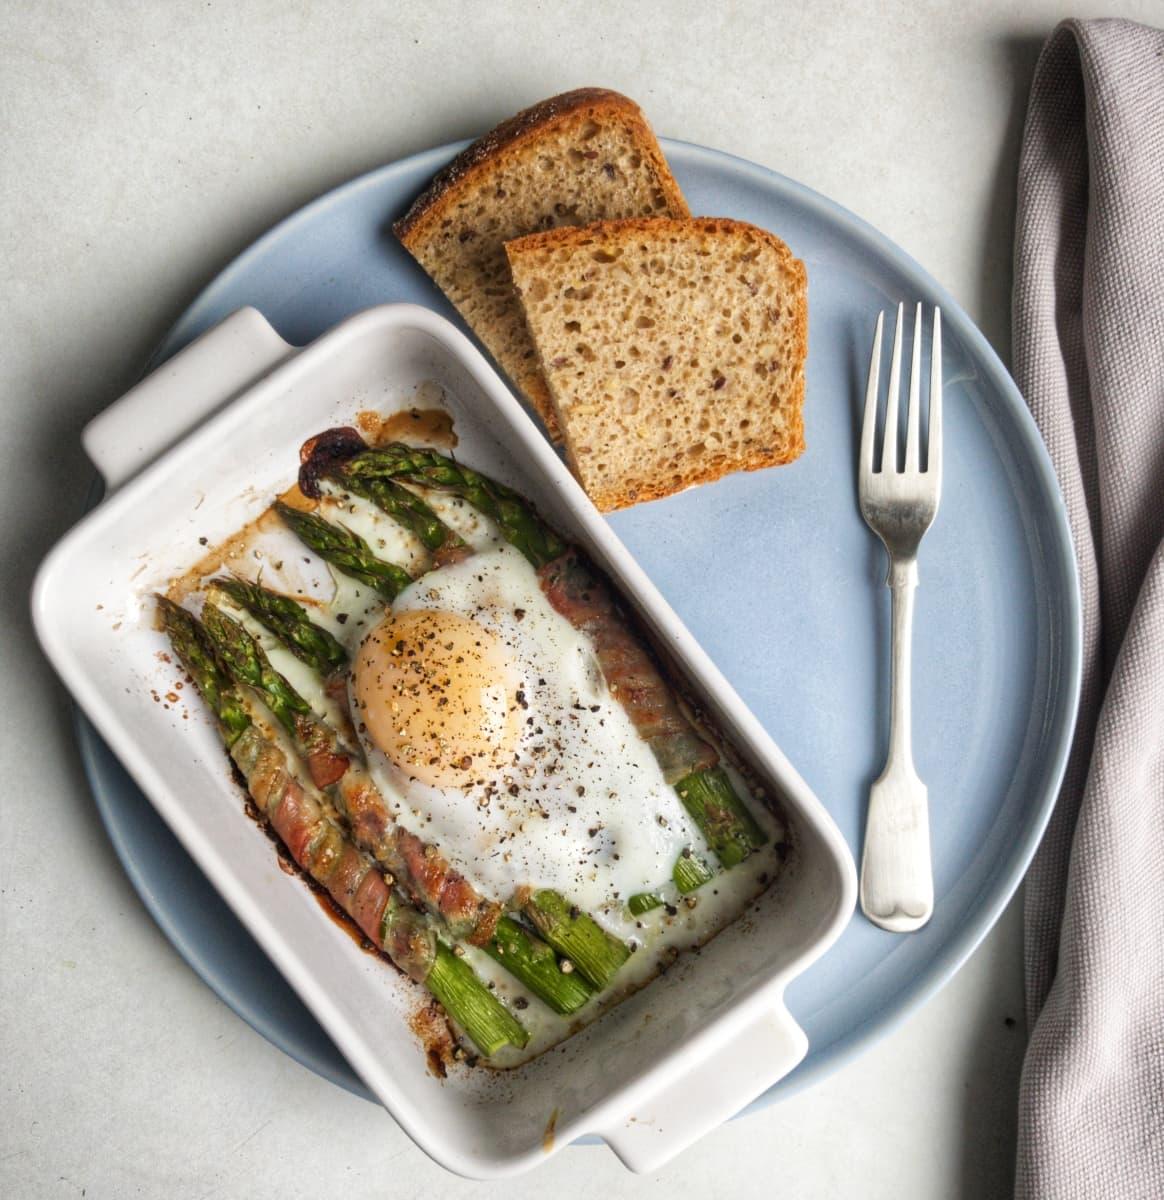 szparagi zapiekane z jajkiem